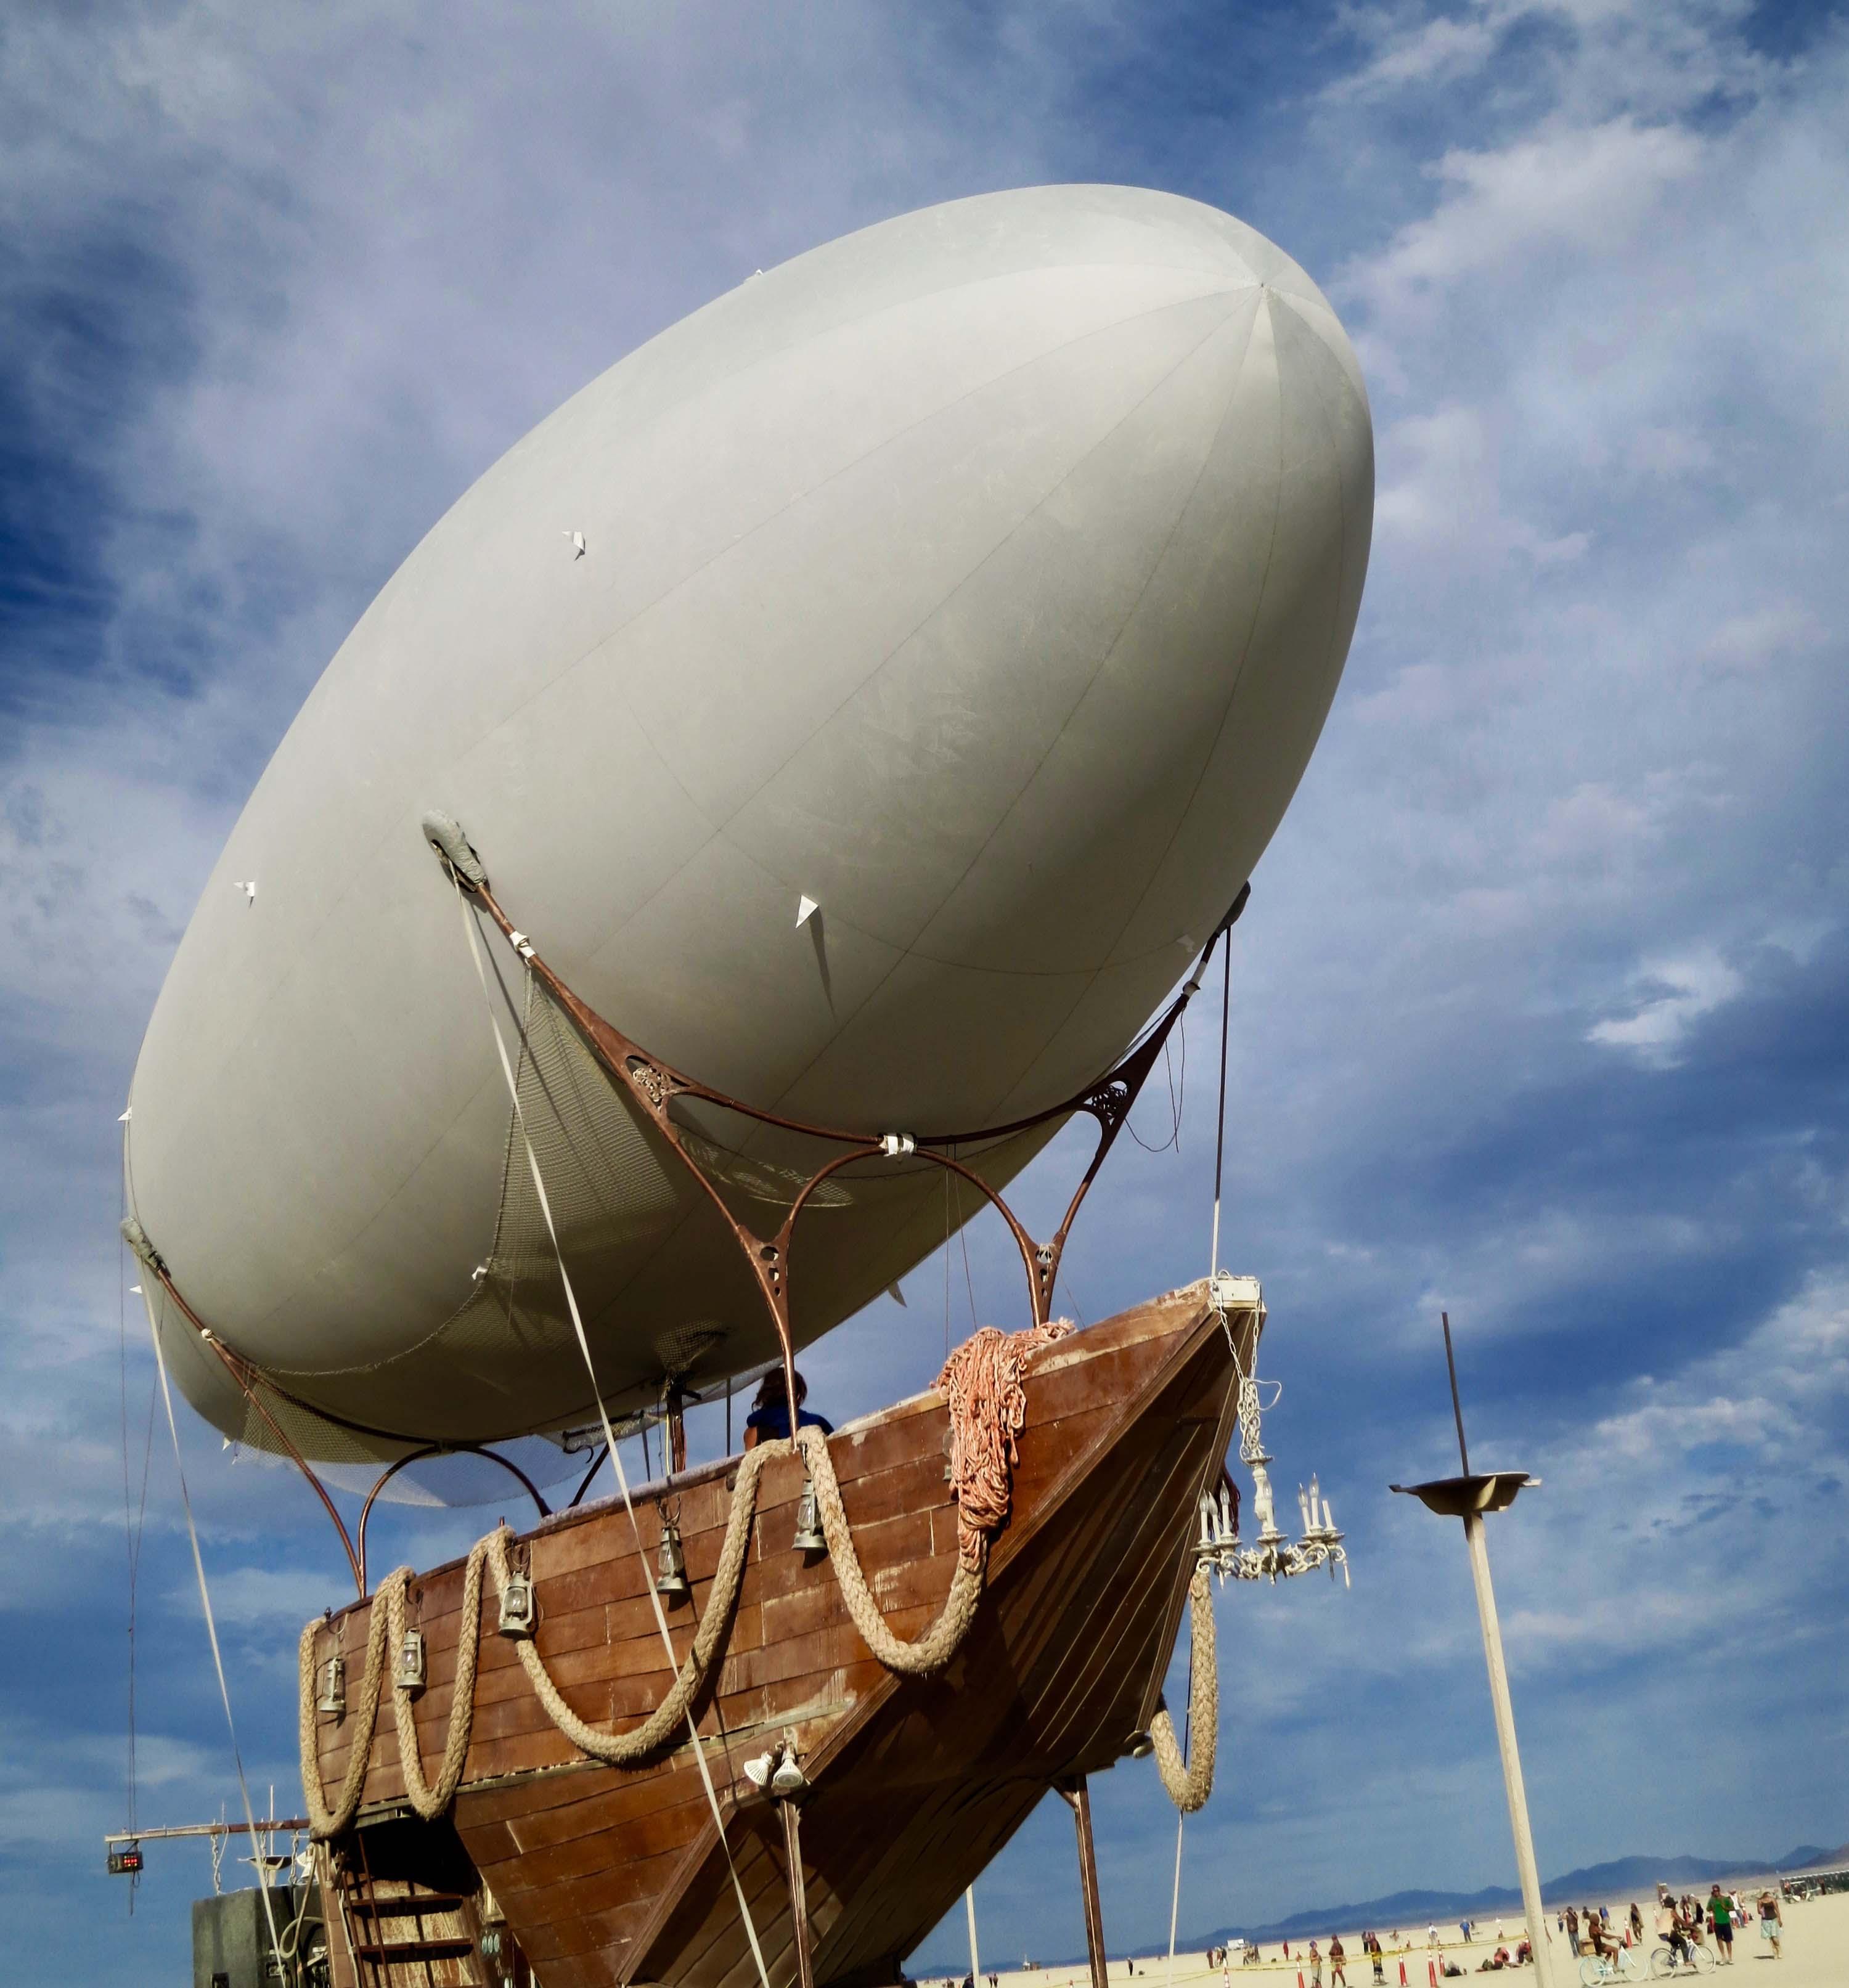 Blimp ship Mutant Vehicle at Burning Man 2015